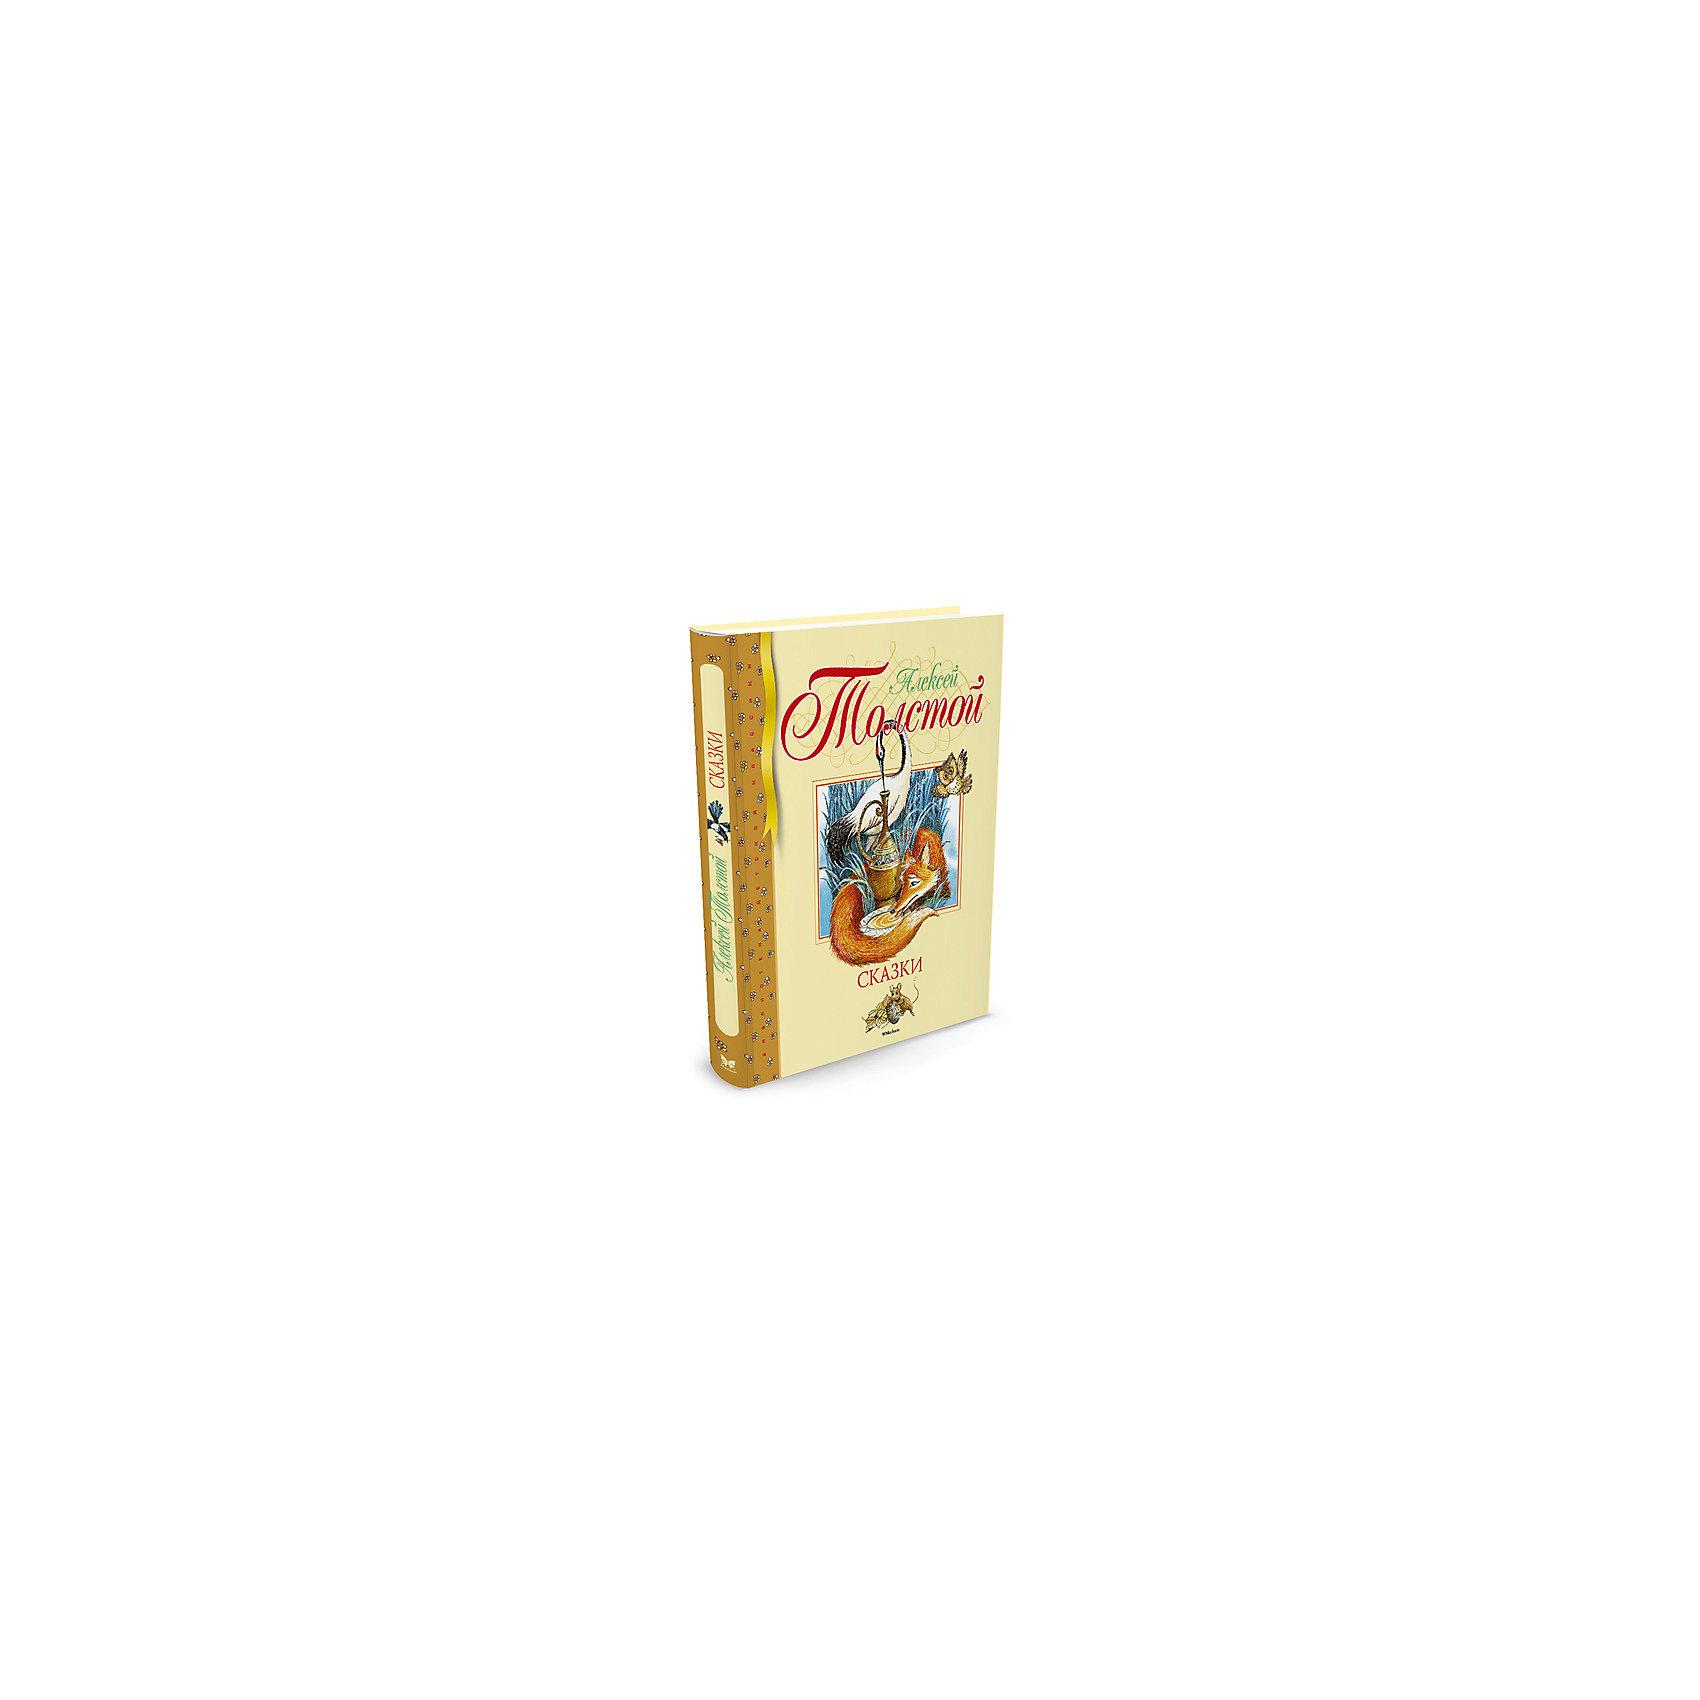 Сказки. А. Толстой, MACHAONРусские сказки<br>Сказки. А. Толстой.<br><br>Характеристики:<br><br>• Автор: Алексей Толстой<br>• Художник: Е. Белоусова<br>• Издательство: Махаон, 2016 год<br>• Серия: Библиотека детской классики<br>• Тип обложки: 7Б - твердая (плотная бумага или картон)<br>• Иллюстрации: цветные<br>• Количество страниц: 80<br>• Размер: 242x201х10 мм.<br>• Вес: 327 гр.<br>• ISBN: 9785389120266<br><br>Книга Толстой А. К. - это сборник разных сказок, в которых главными героями являются простые люди. Кроме того, в них встречаются такие мистические существа, как водяные, русалочки, лешие и прочие представители нечисти. Литературно-художественное издание для младшего школьного возраста.<br><br>Книгу Сказки. А. Толстой можно купить в нашем интернет-магазине.<br><br>Ширина мм: 242<br>Глубина мм: 201<br>Высота мм: 100<br>Вес г: 327<br>Возраст от месяцев: 84<br>Возраст до месяцев: 120<br>Пол: Унисекс<br>Возраст: Детский<br>SKU: 5493502